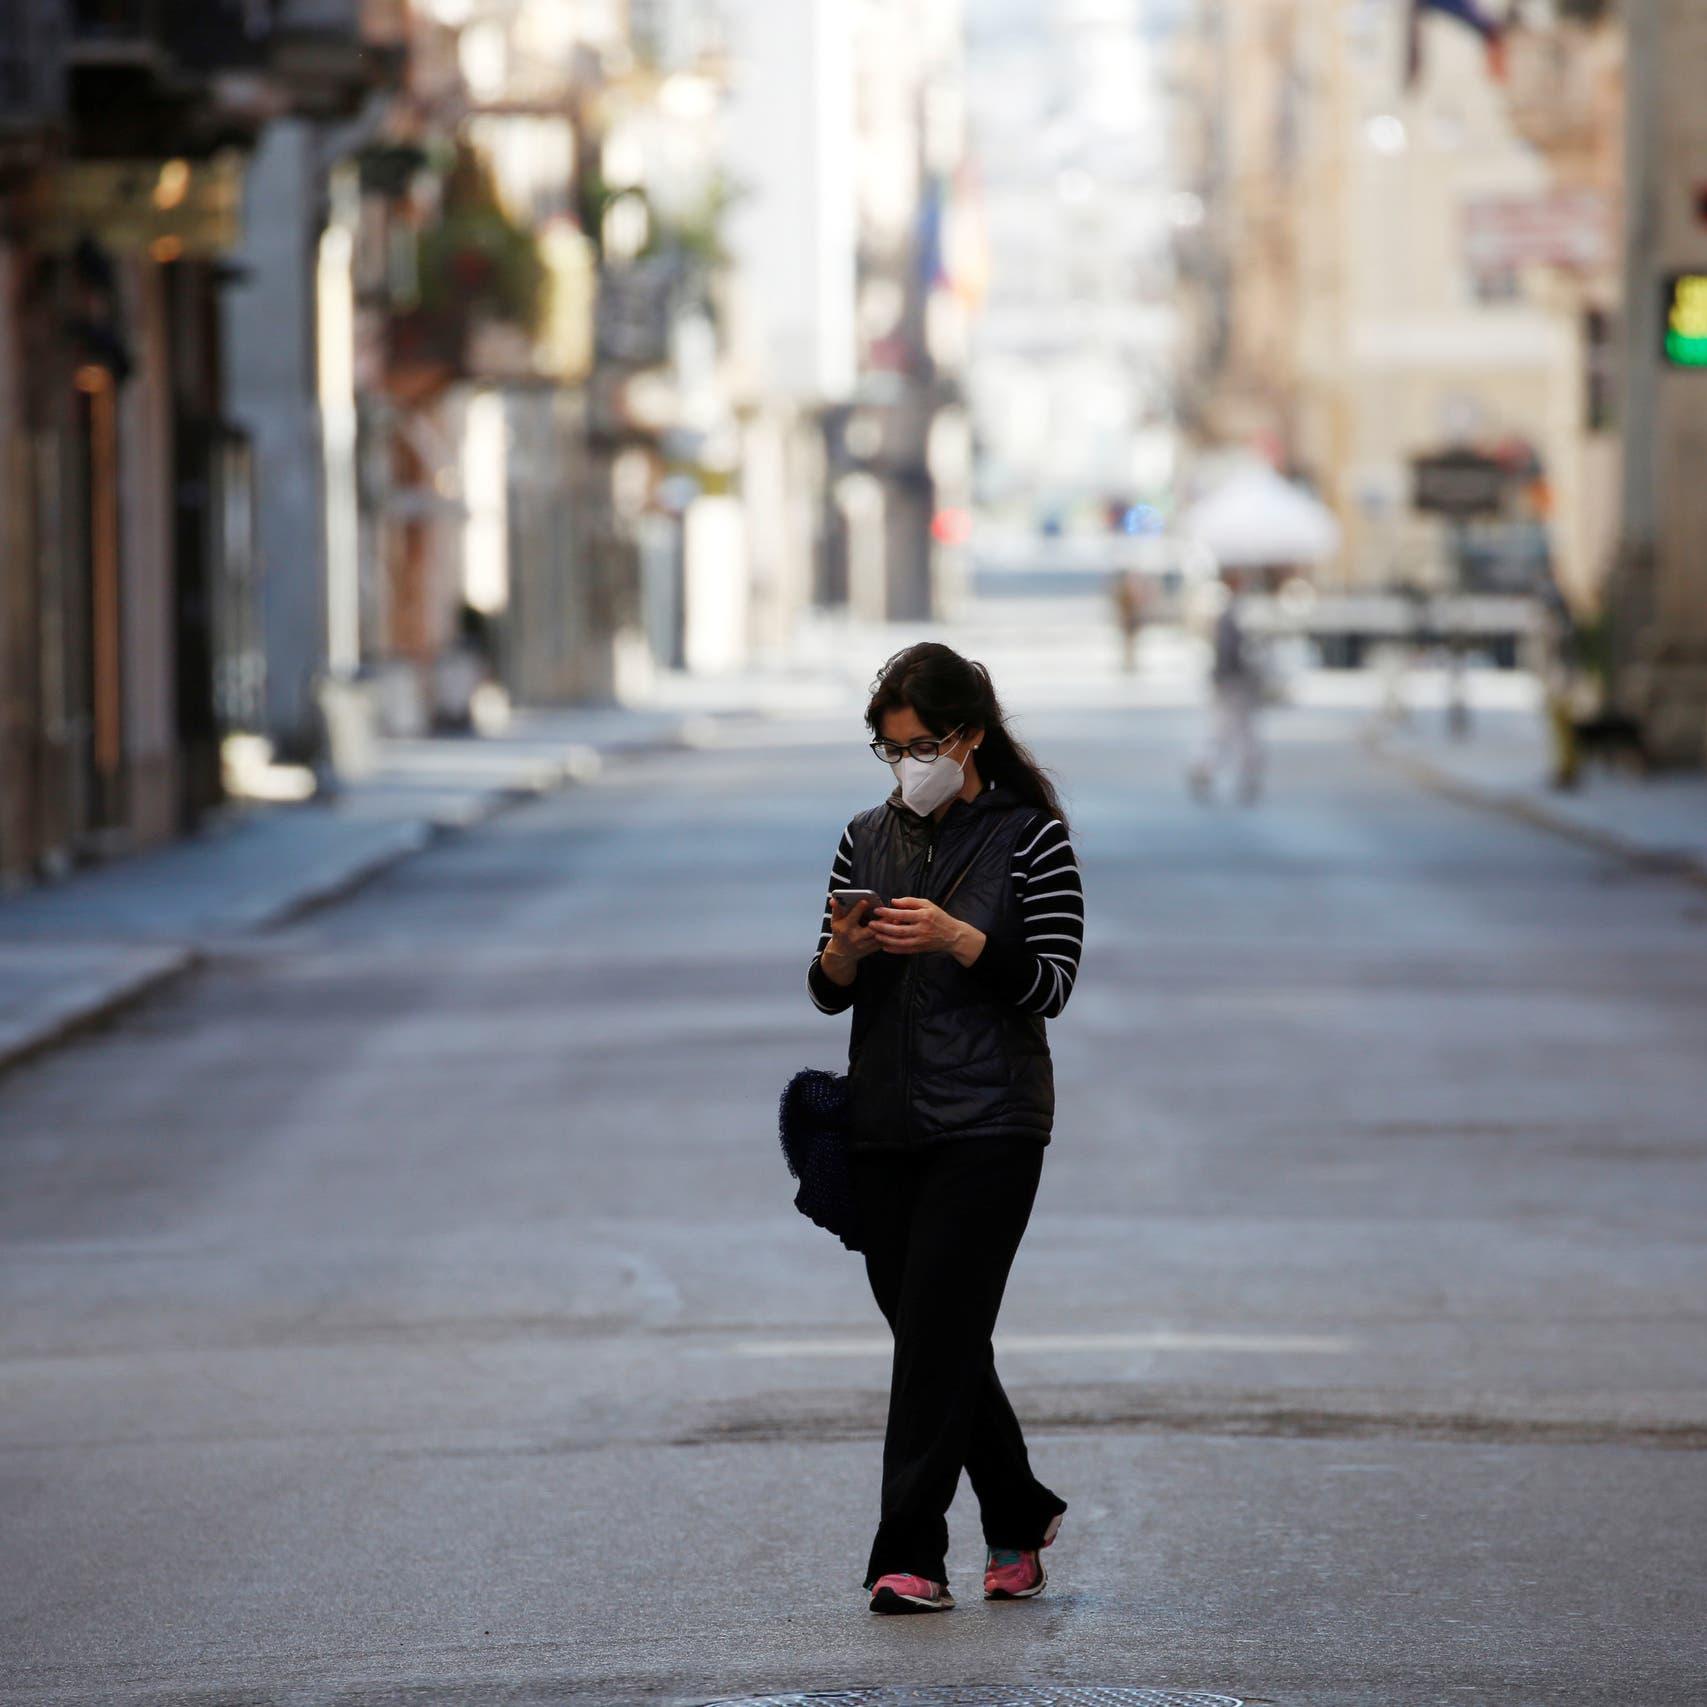 إيطاليا تخفف القيود.. رفع العزل وفتح المدارس